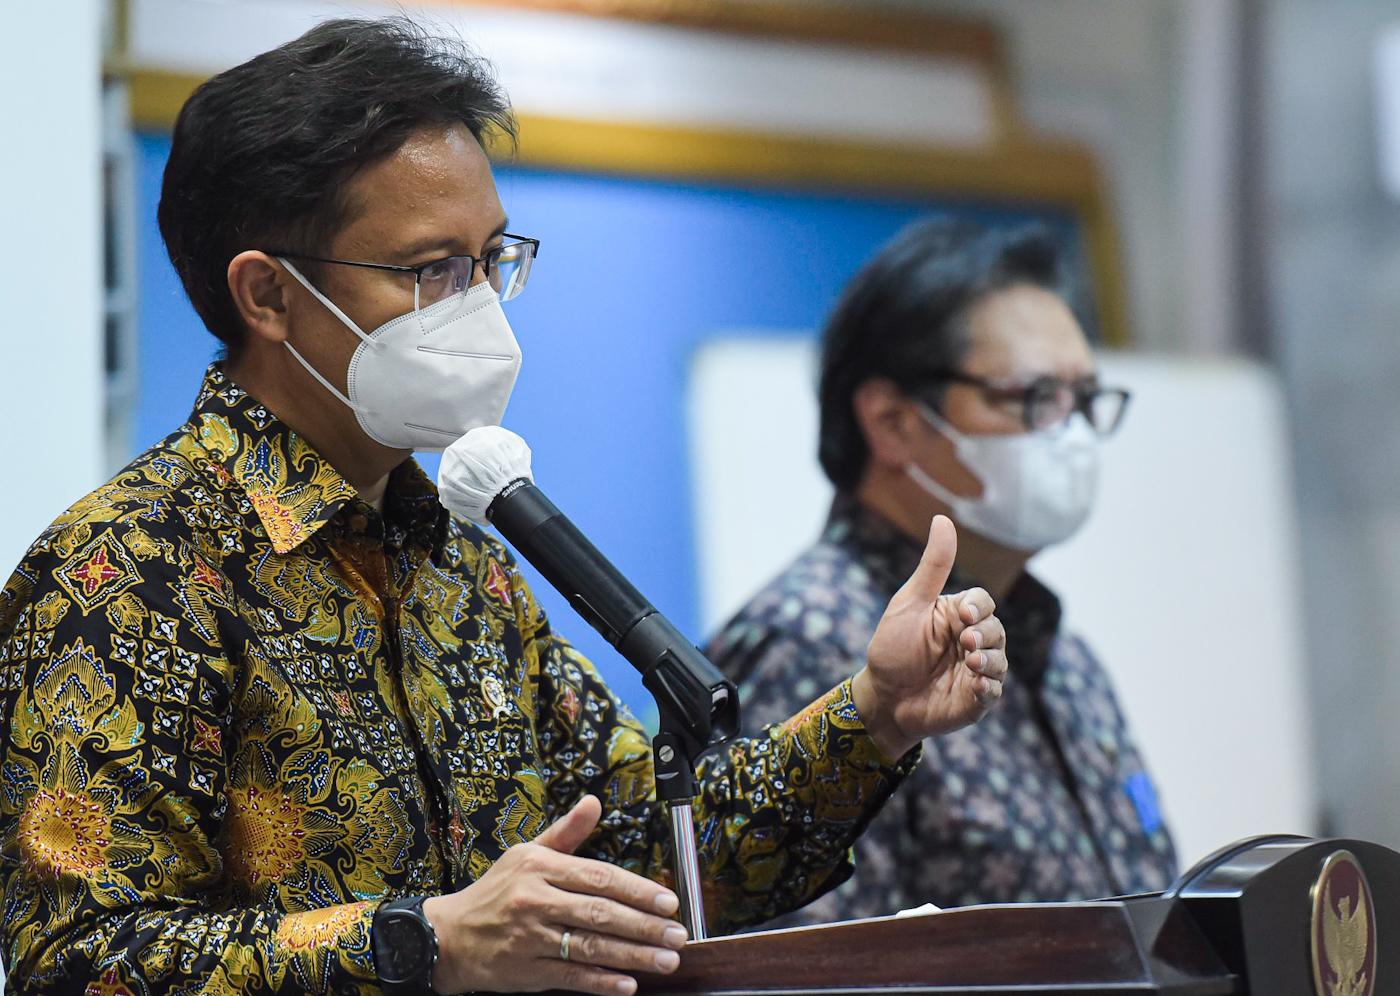 Mutasi Virus Corona Mulai Terdeteksi di Indonesia